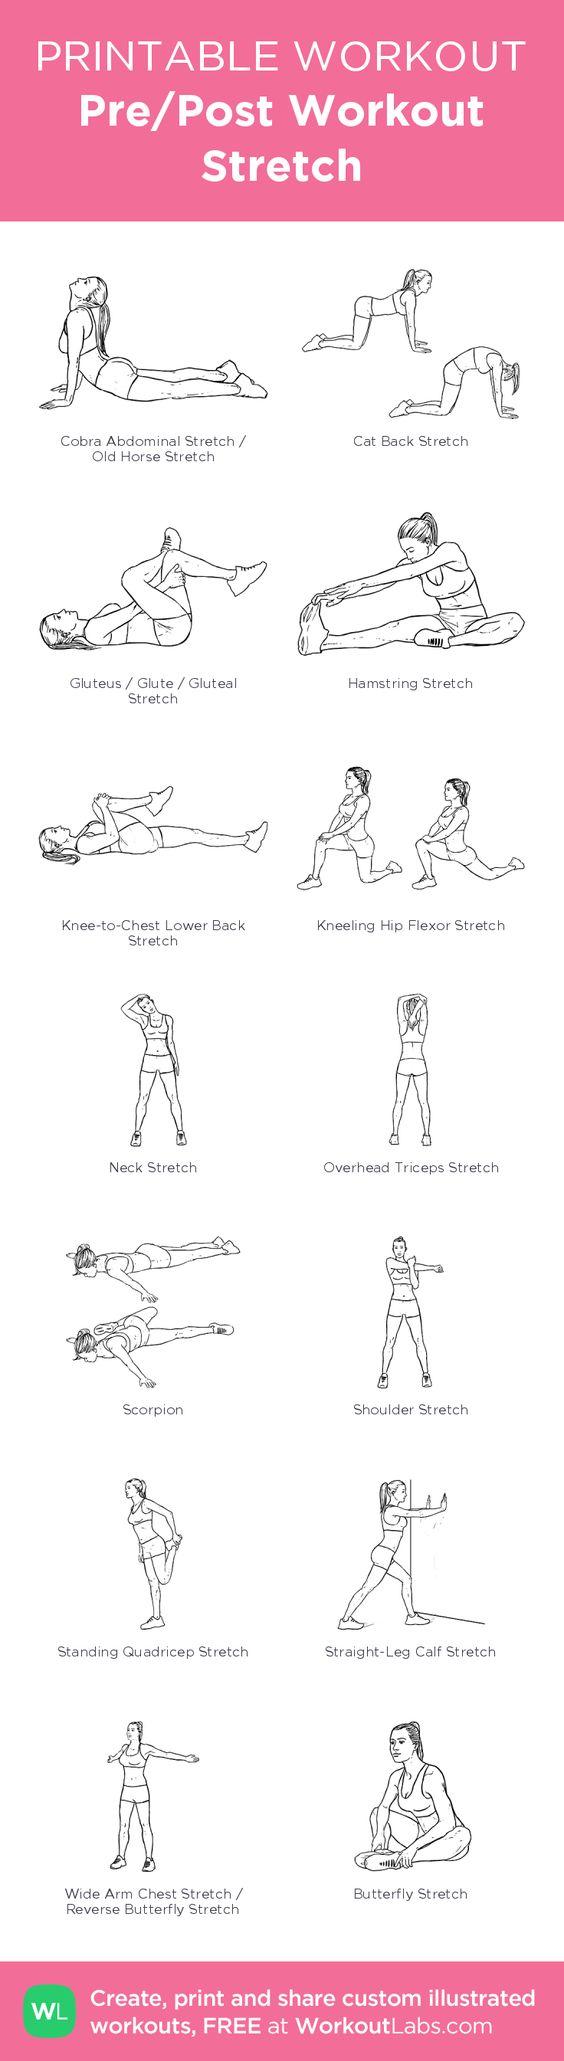 leg stretching exercises pdf - photo #3